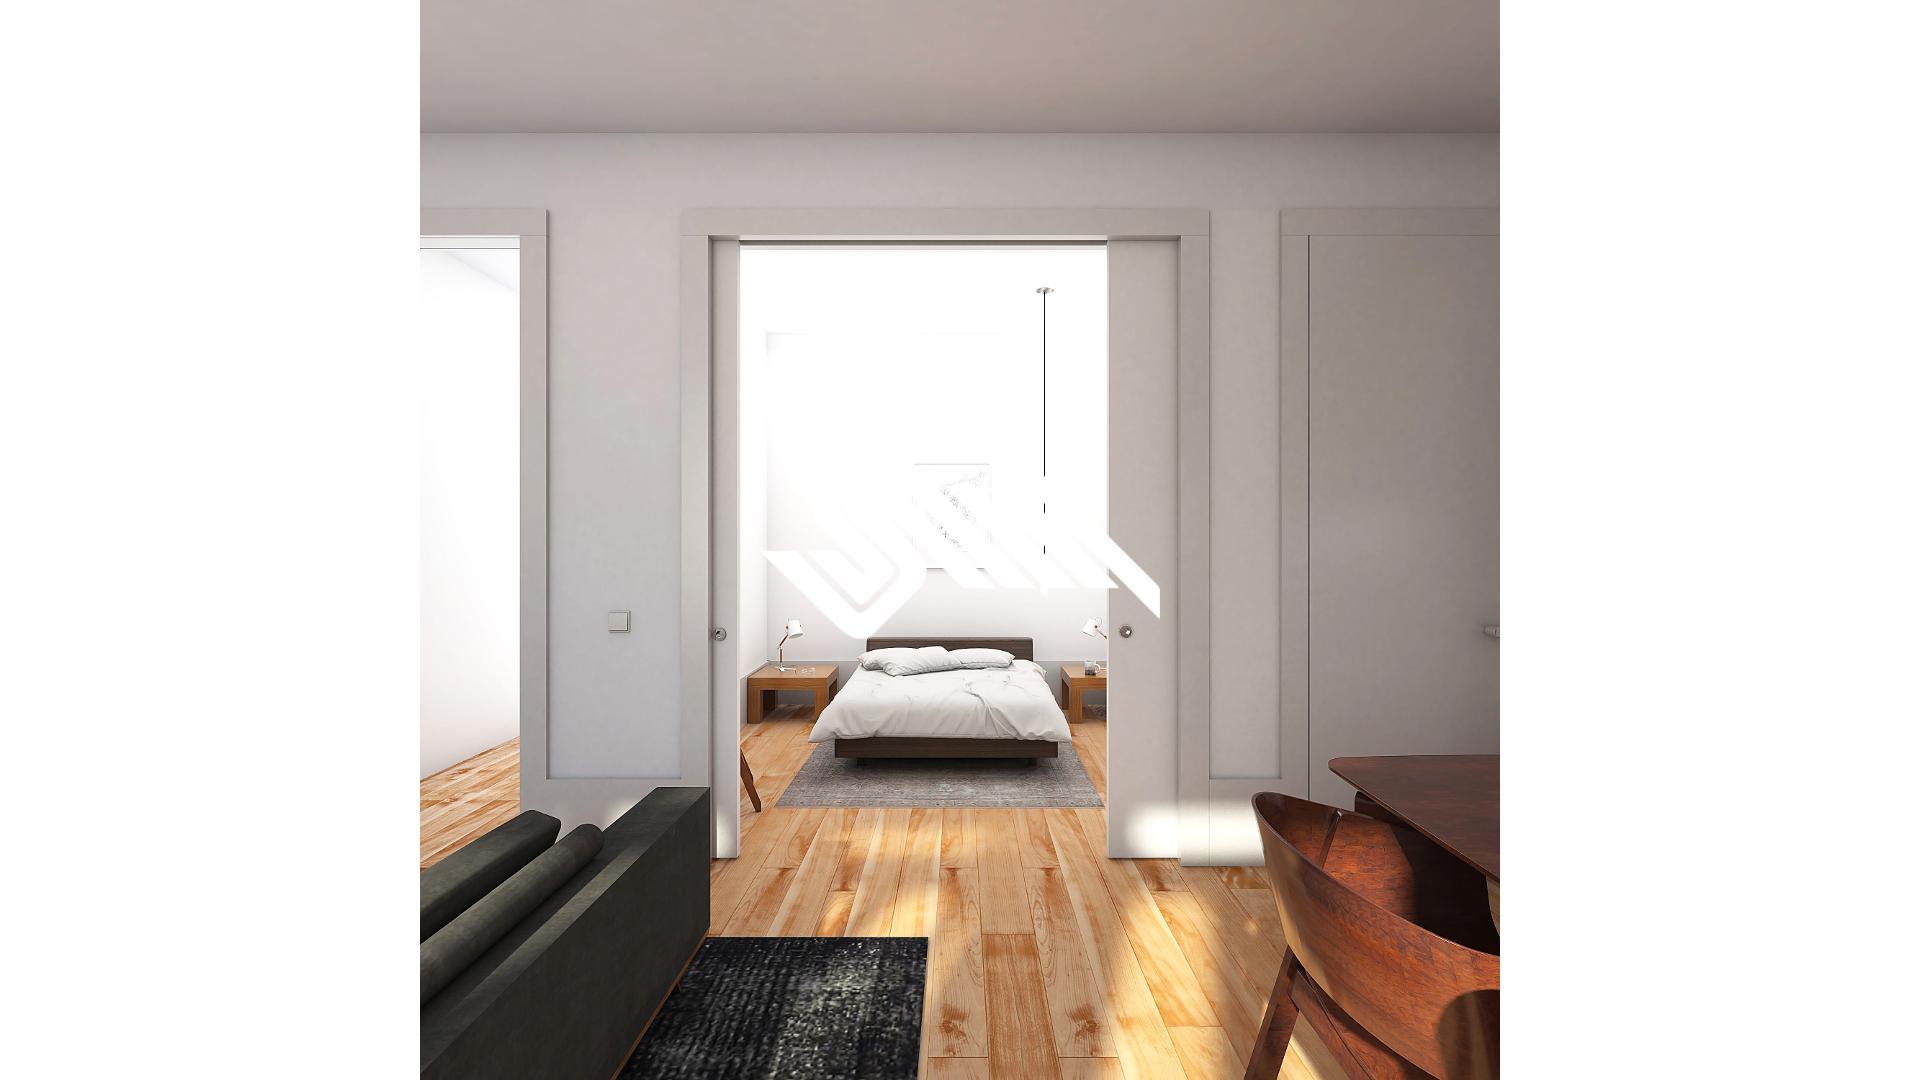 Apartamento T0+1 em Porto  - Porto, UDF De Cedofeita, Santo Ildefonso, Sé, Miragaia, São Nicolau E Vitória